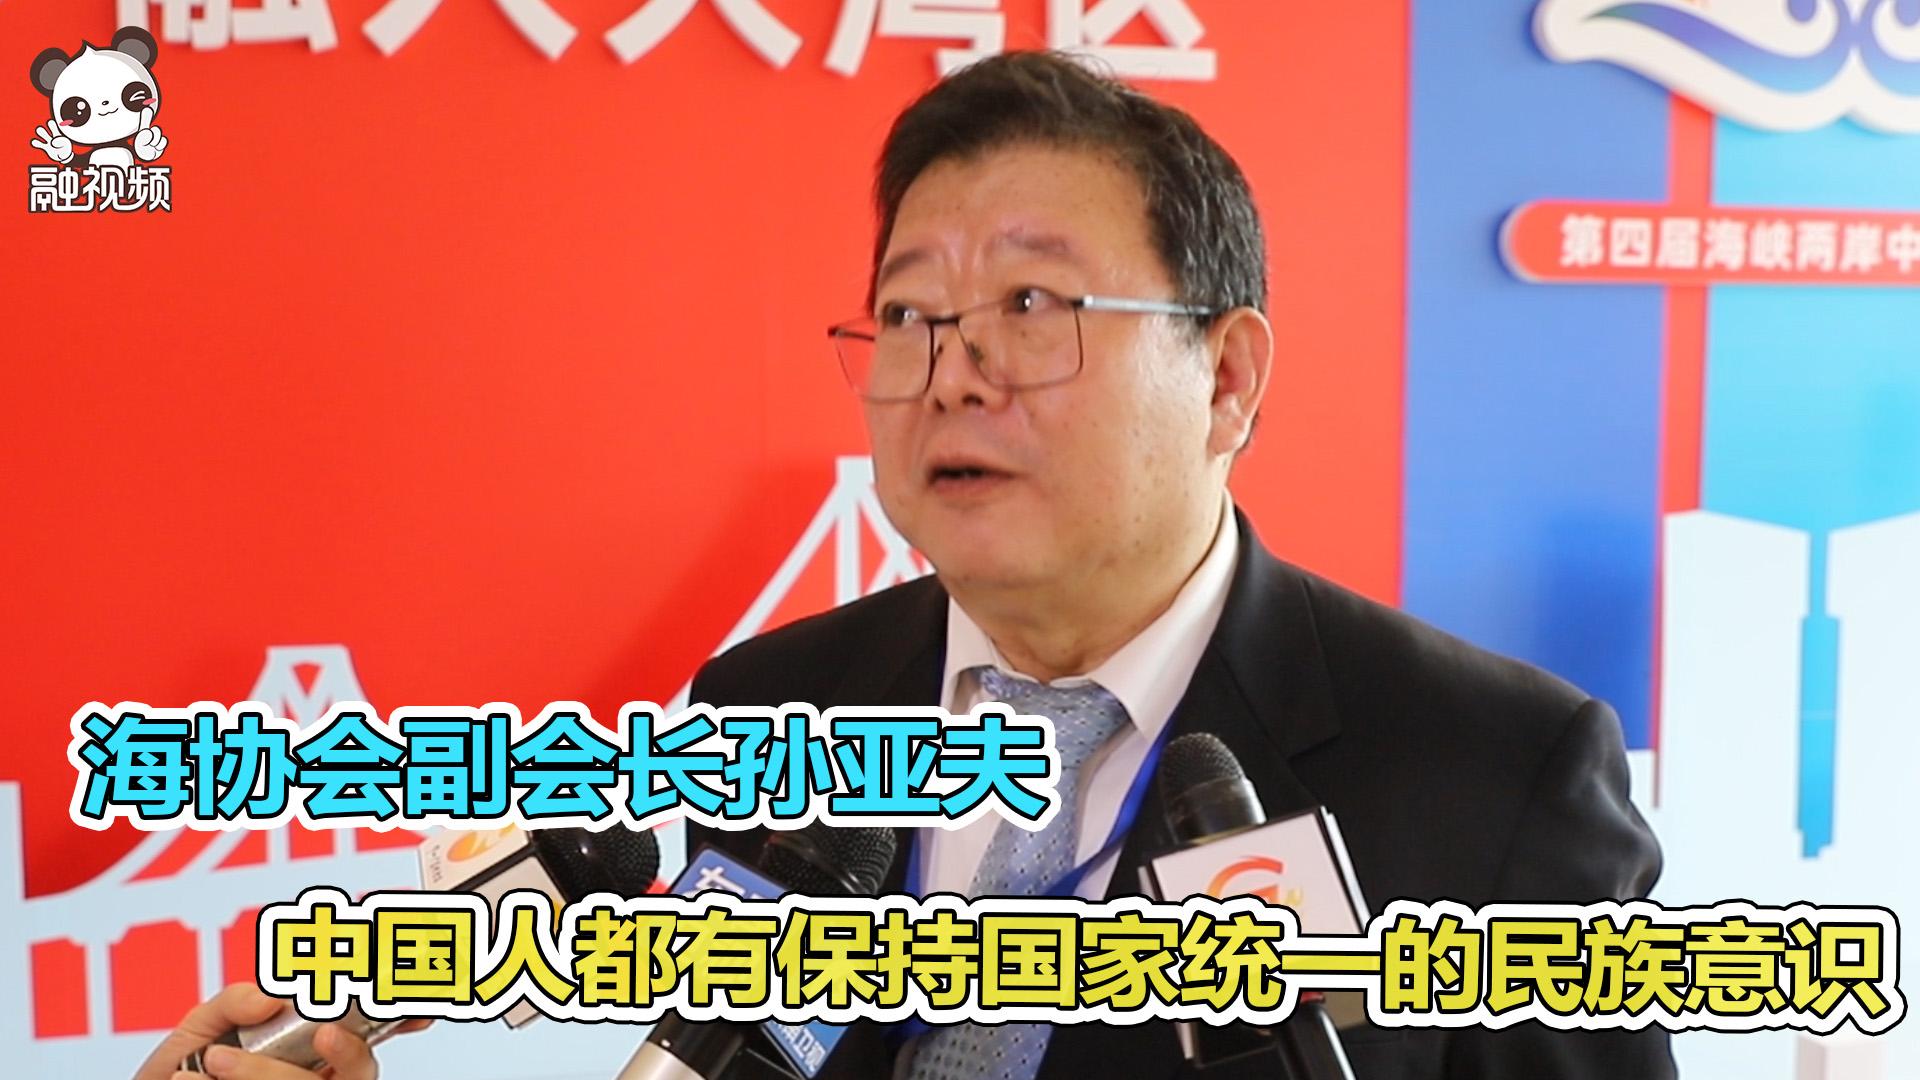 海协会副会长孙亚夫:孙中山是联结两岸的精神纽带,中国人都有保持国家统一的民族意识图片